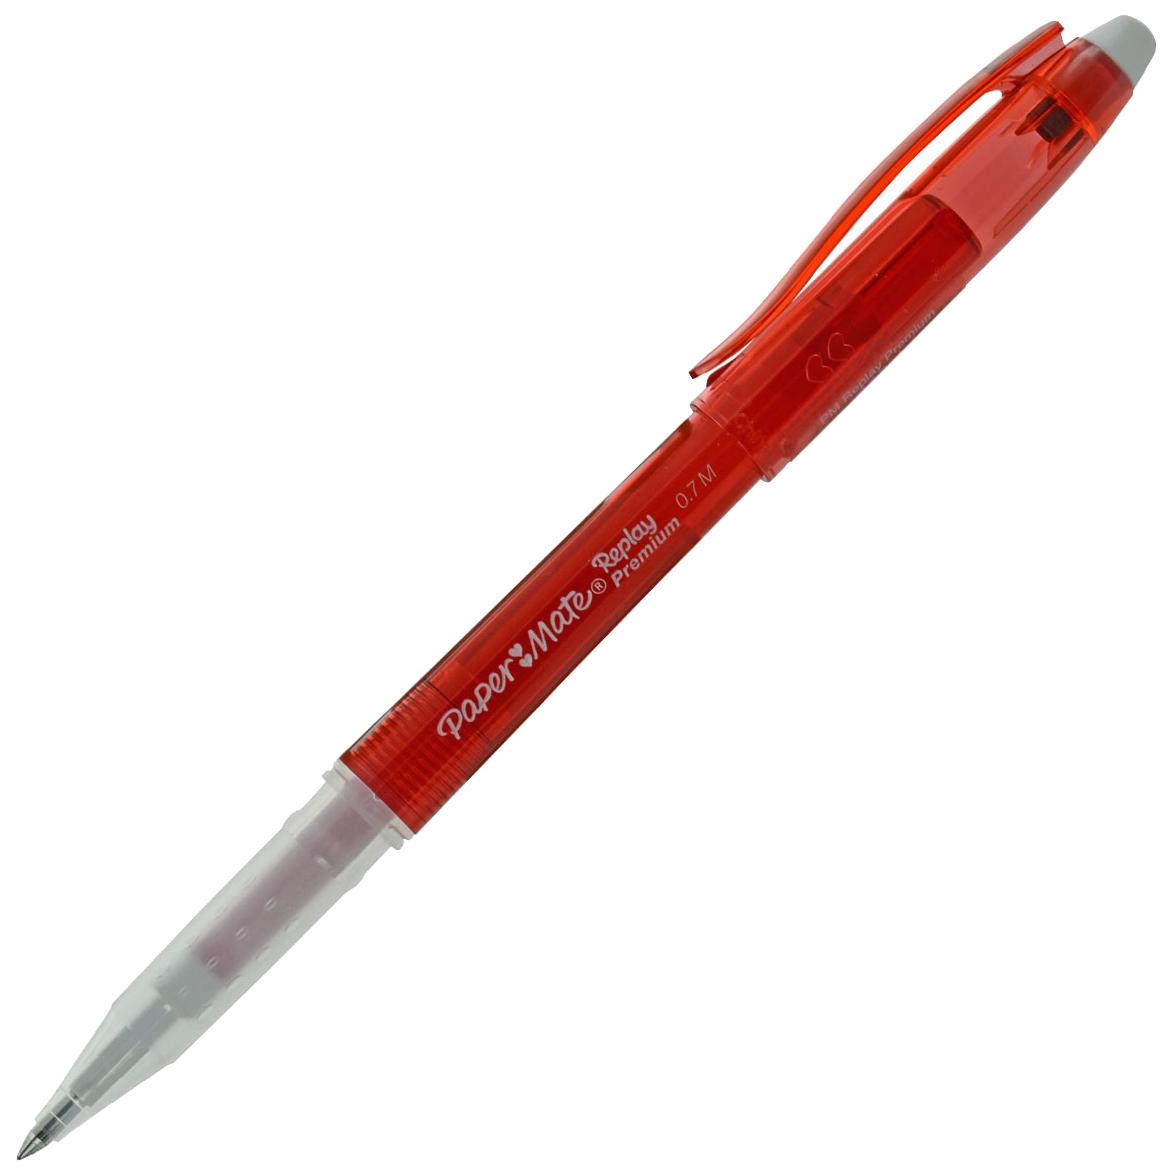 Ручка REPLAY PREMIUM С гелевыми стираемыми чернилами, с ластиком, красная 0,7мм